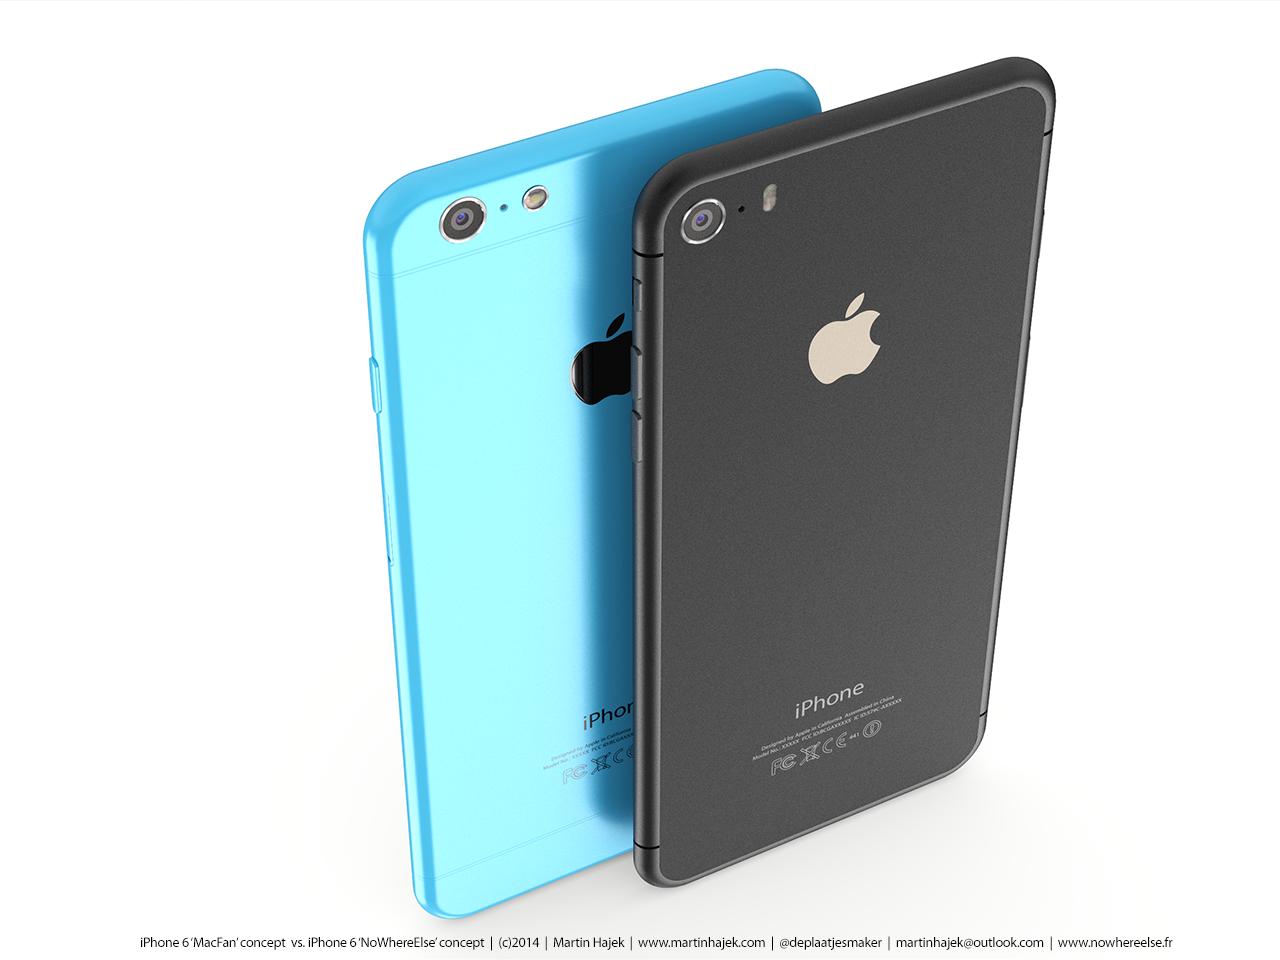 iPhone 2014 Konzept-Vergleich: iPhone 6s gegen iPhone 6c 8